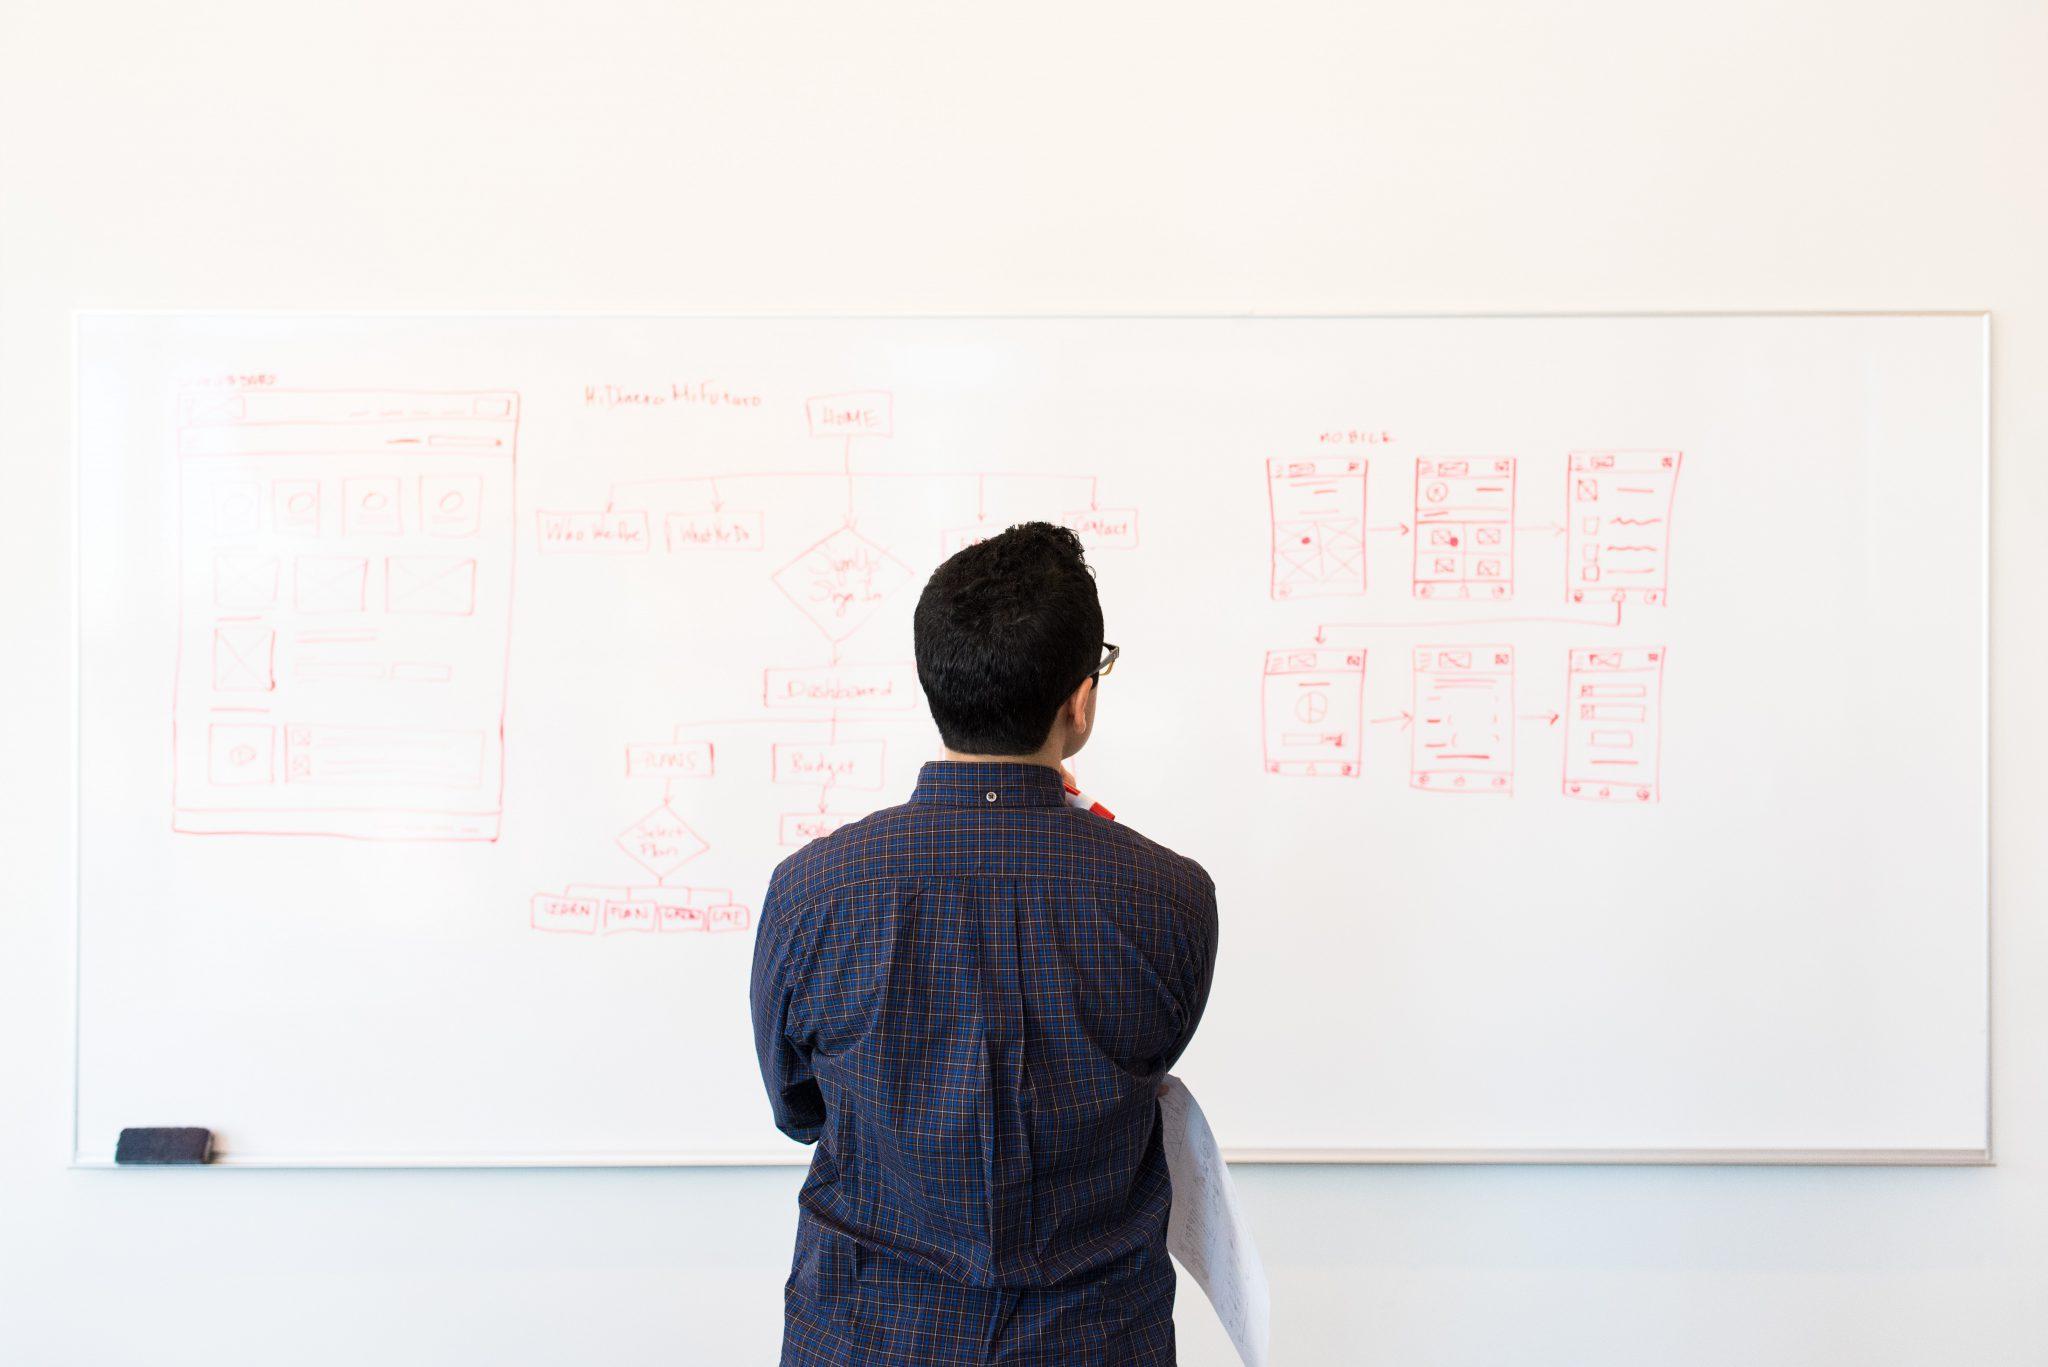 企業選びの軸を考えるポイントとは?具体例や効果的な対策をご紹介